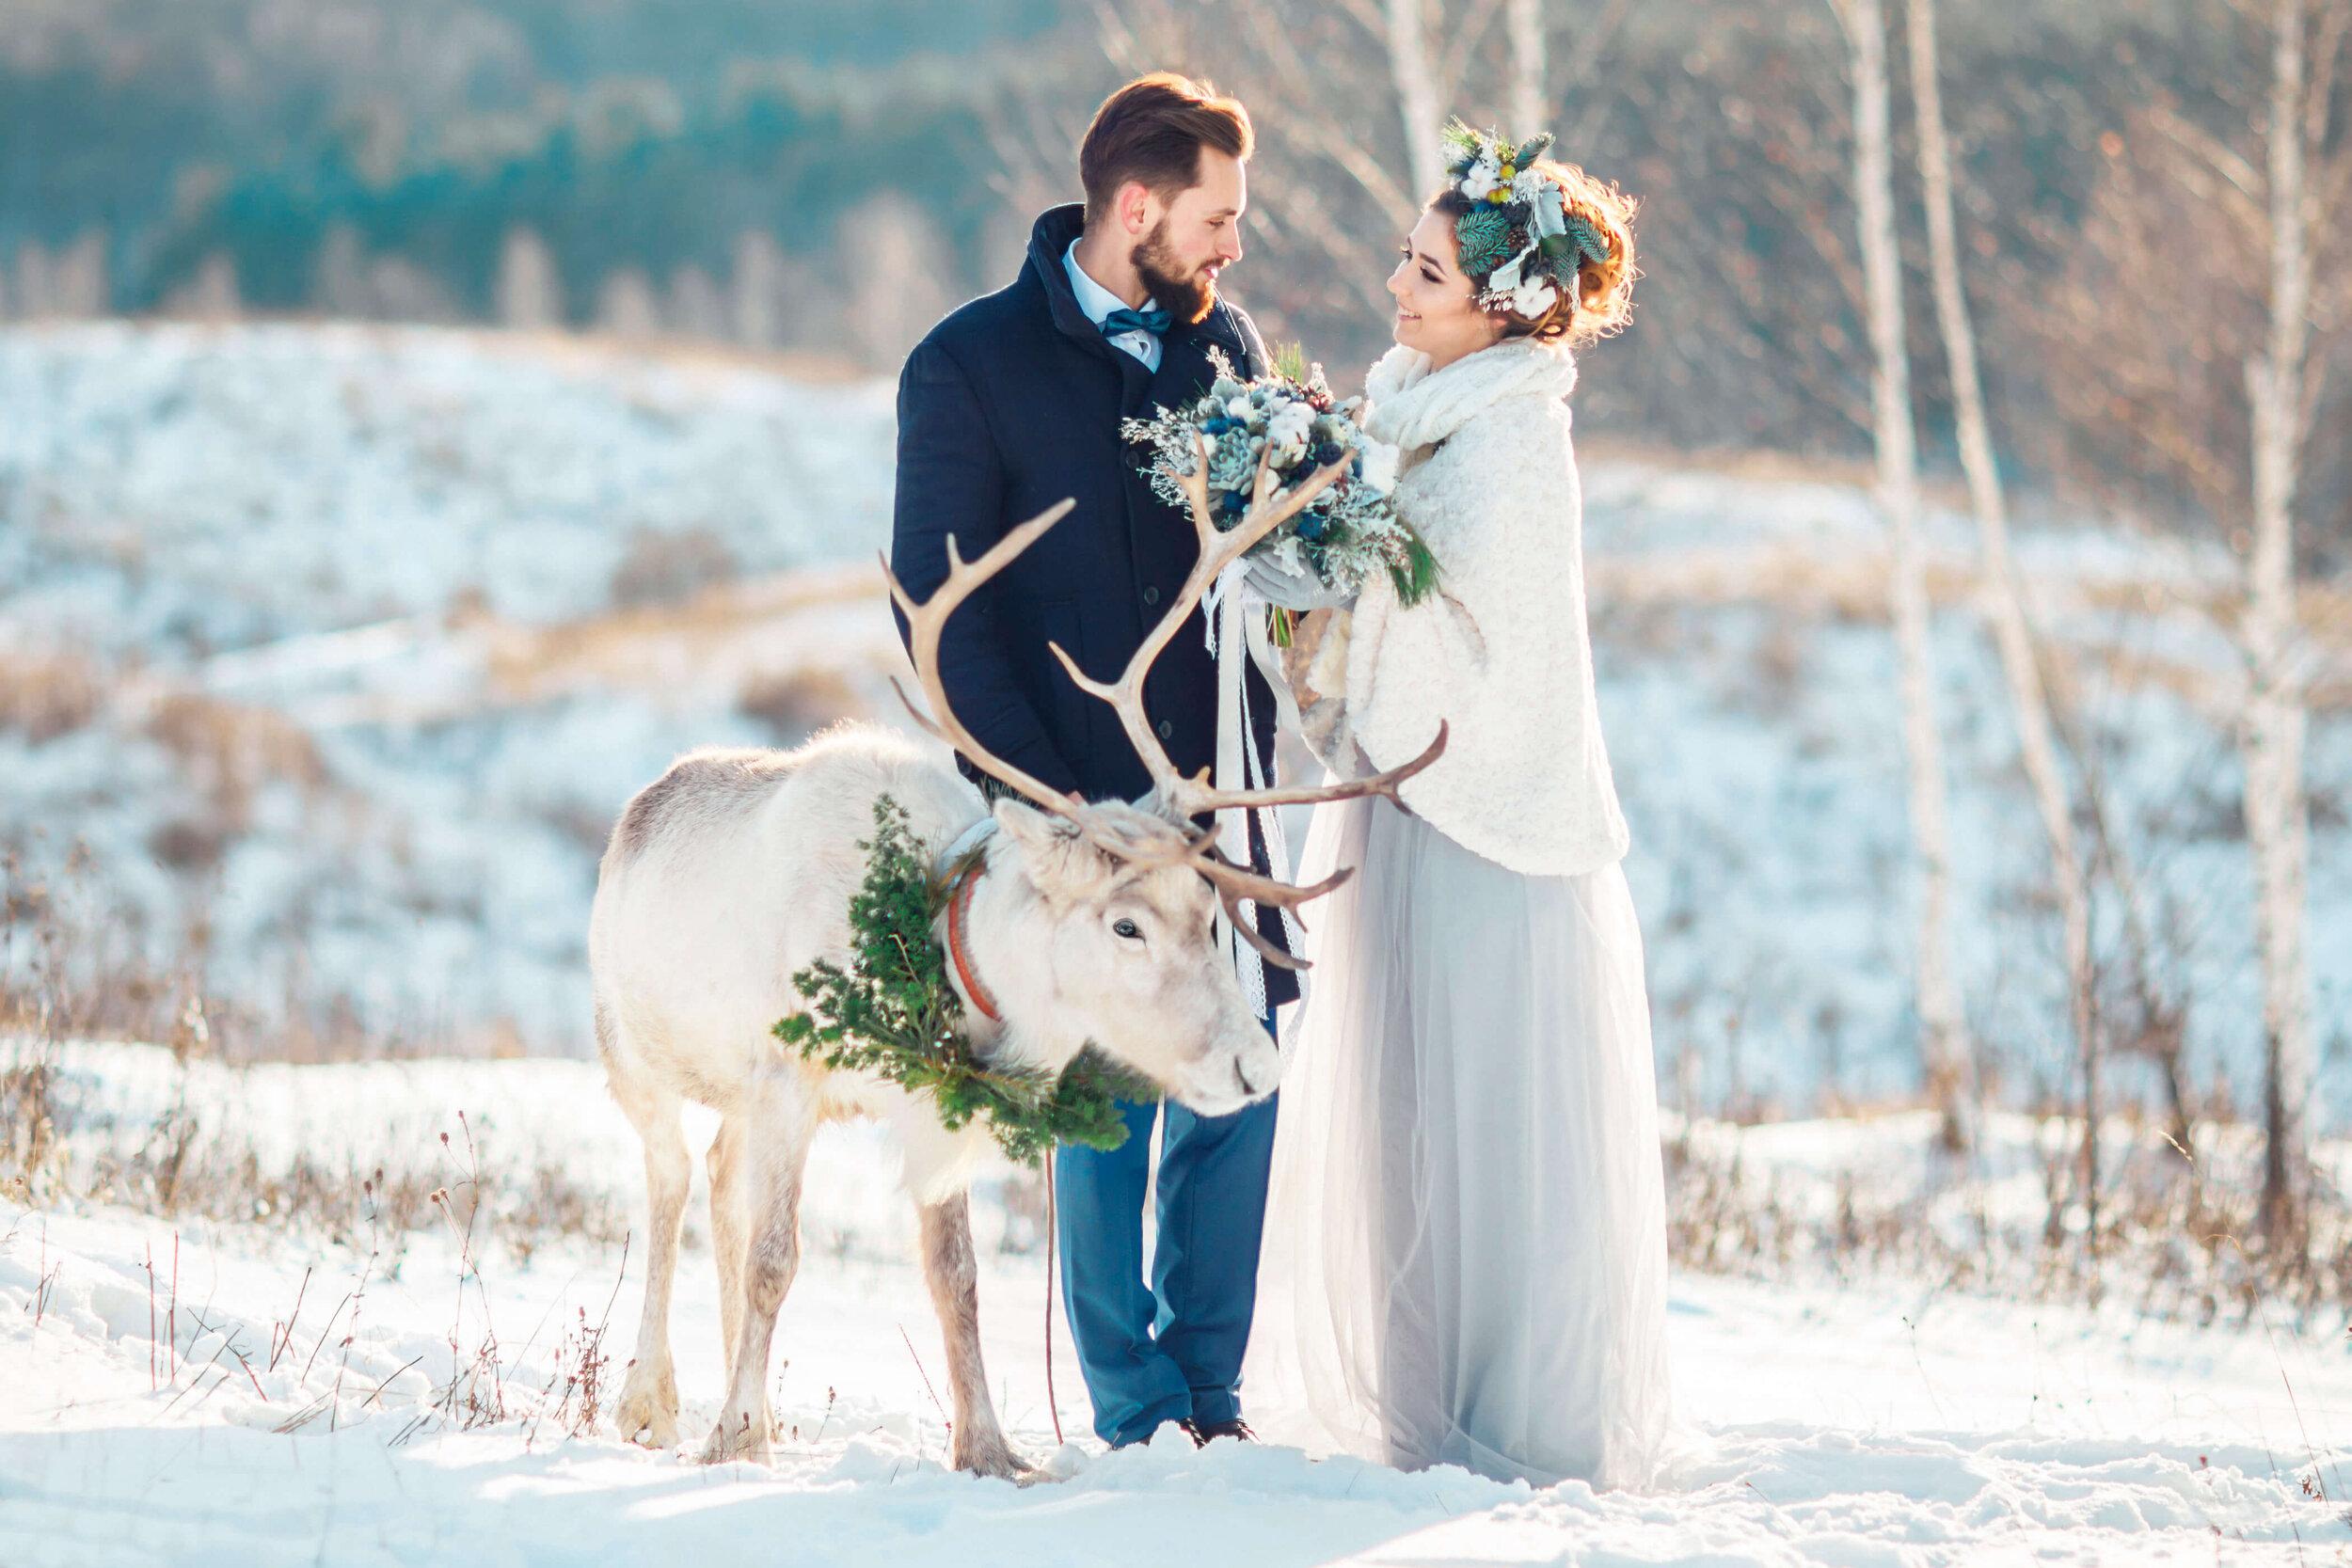 Bride and groom smiling in snowy field with elk.jpg